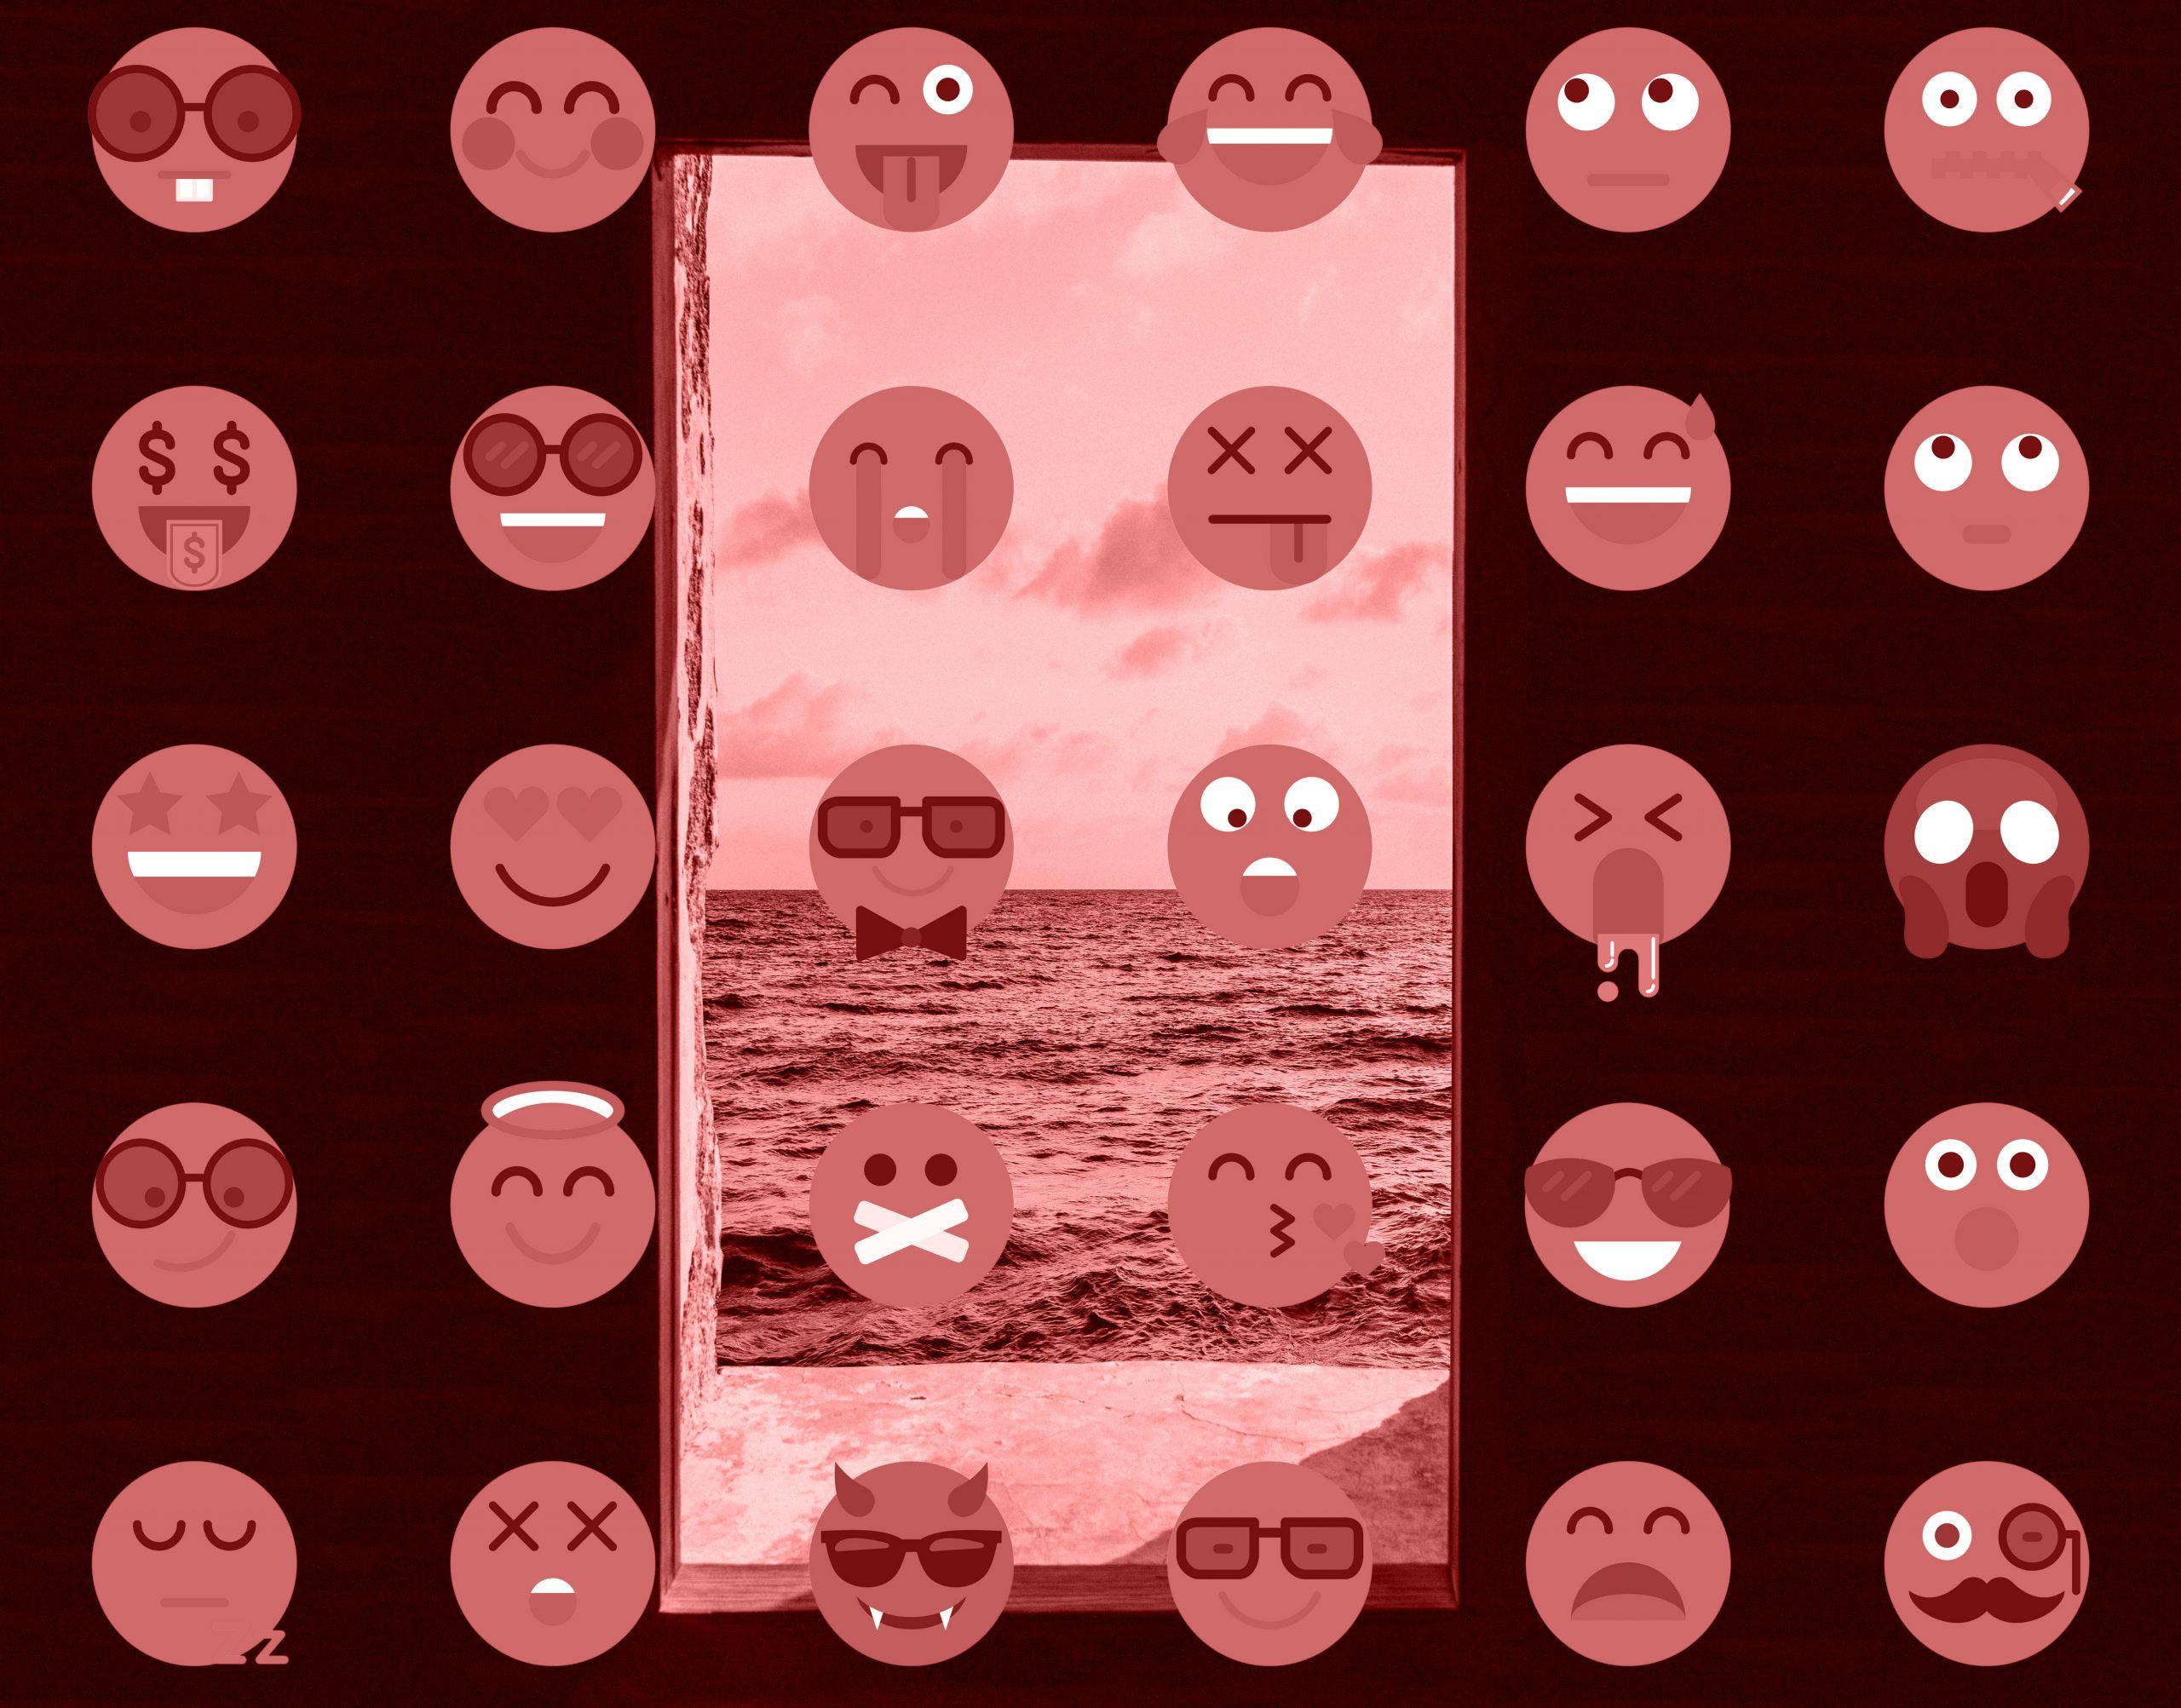 Emoticonos sobre una imagen de una ventana abierta al mar